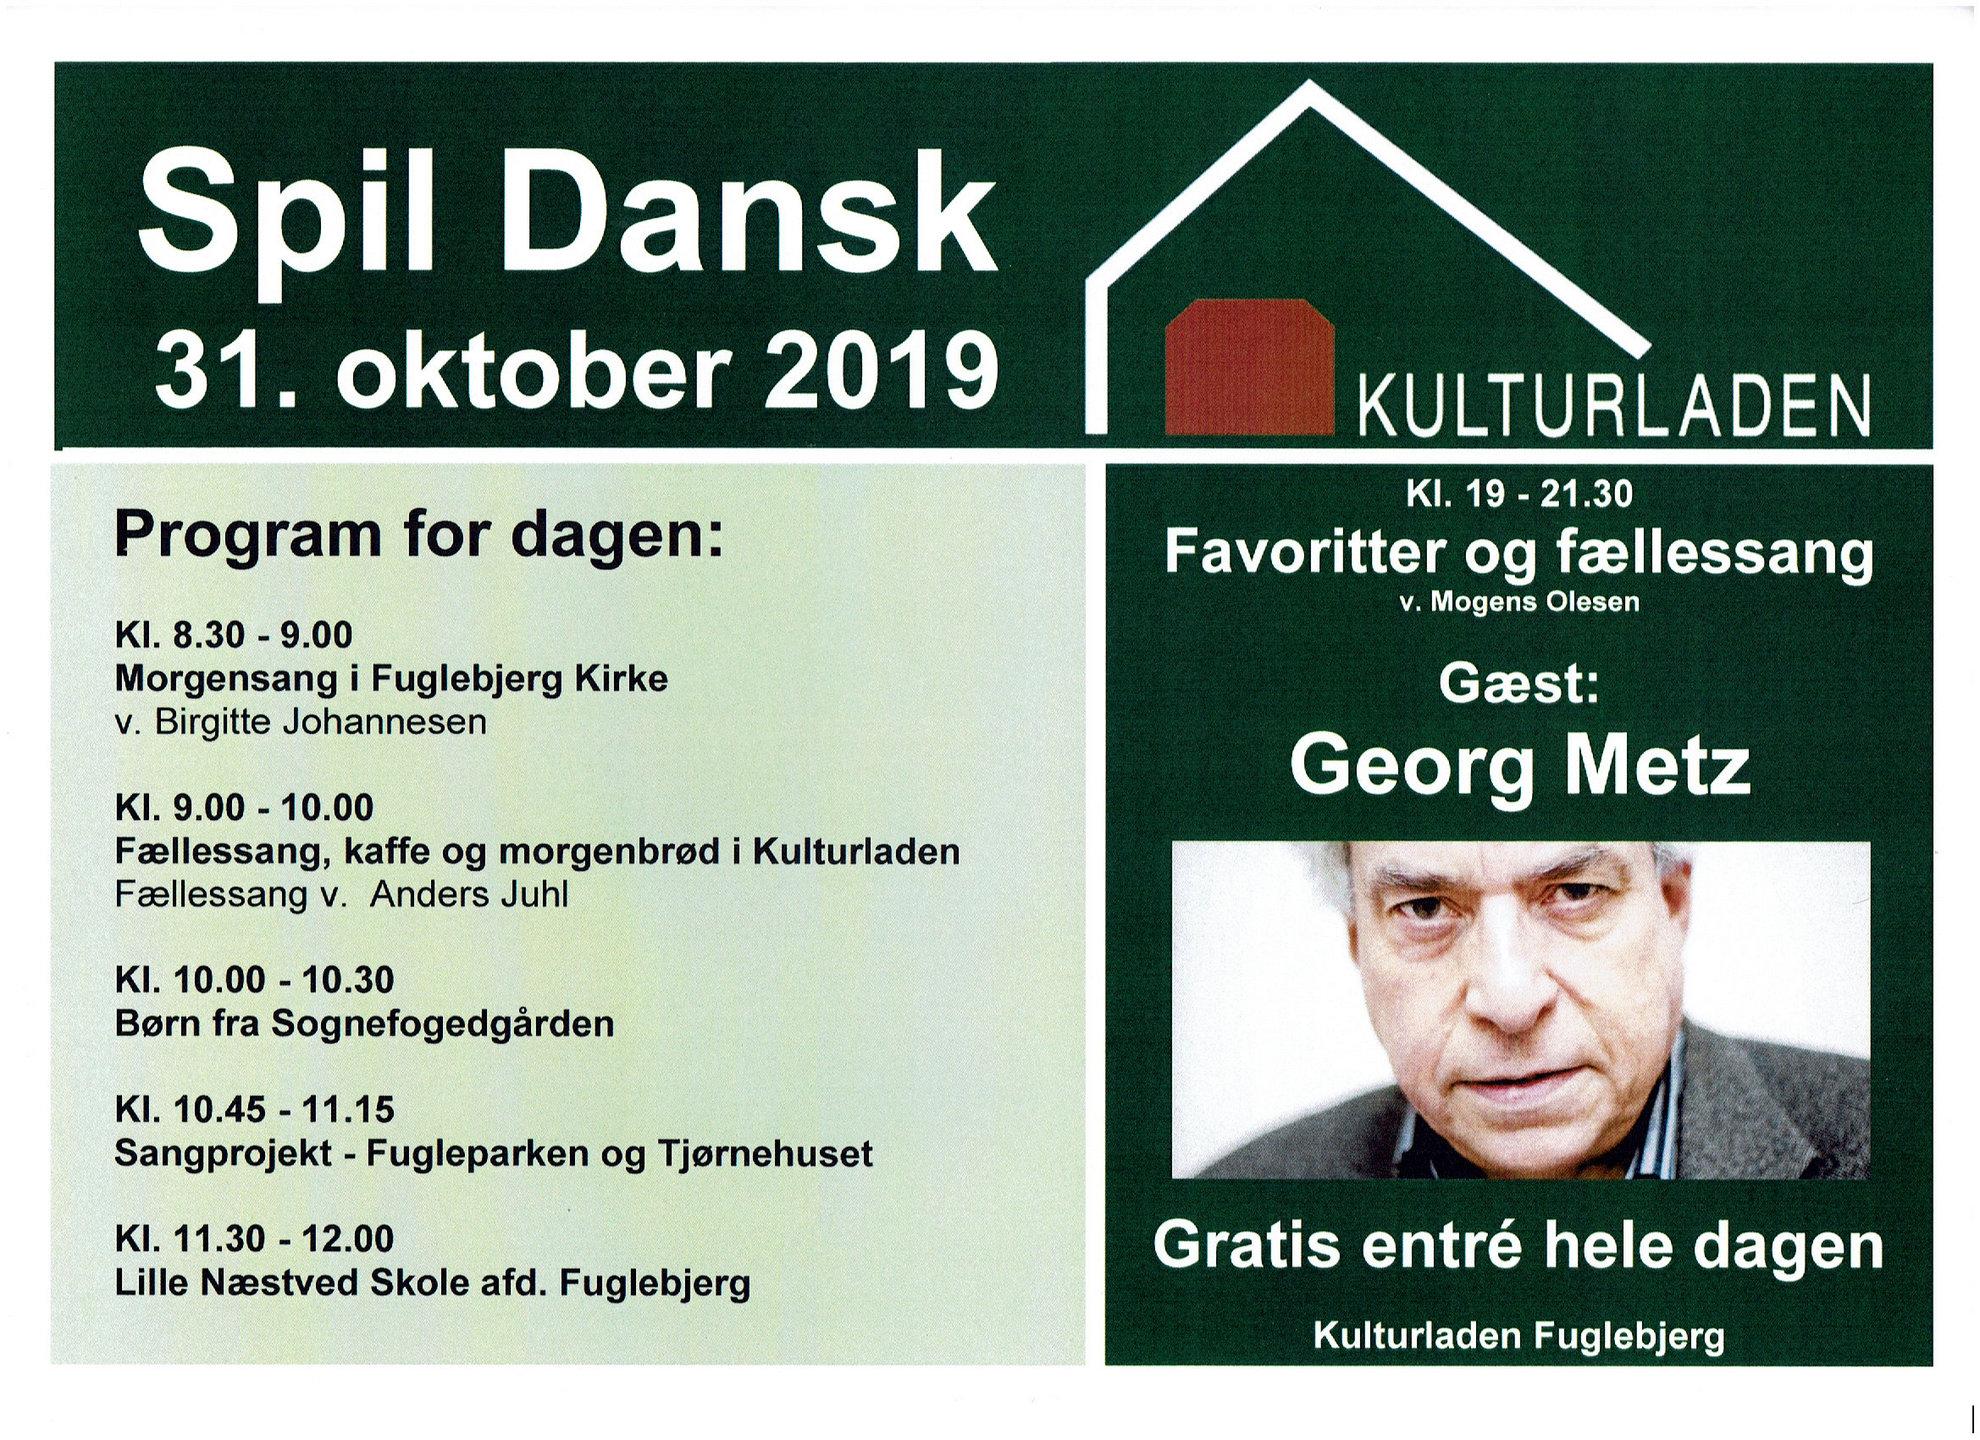 Spil Dansk plakat 2019